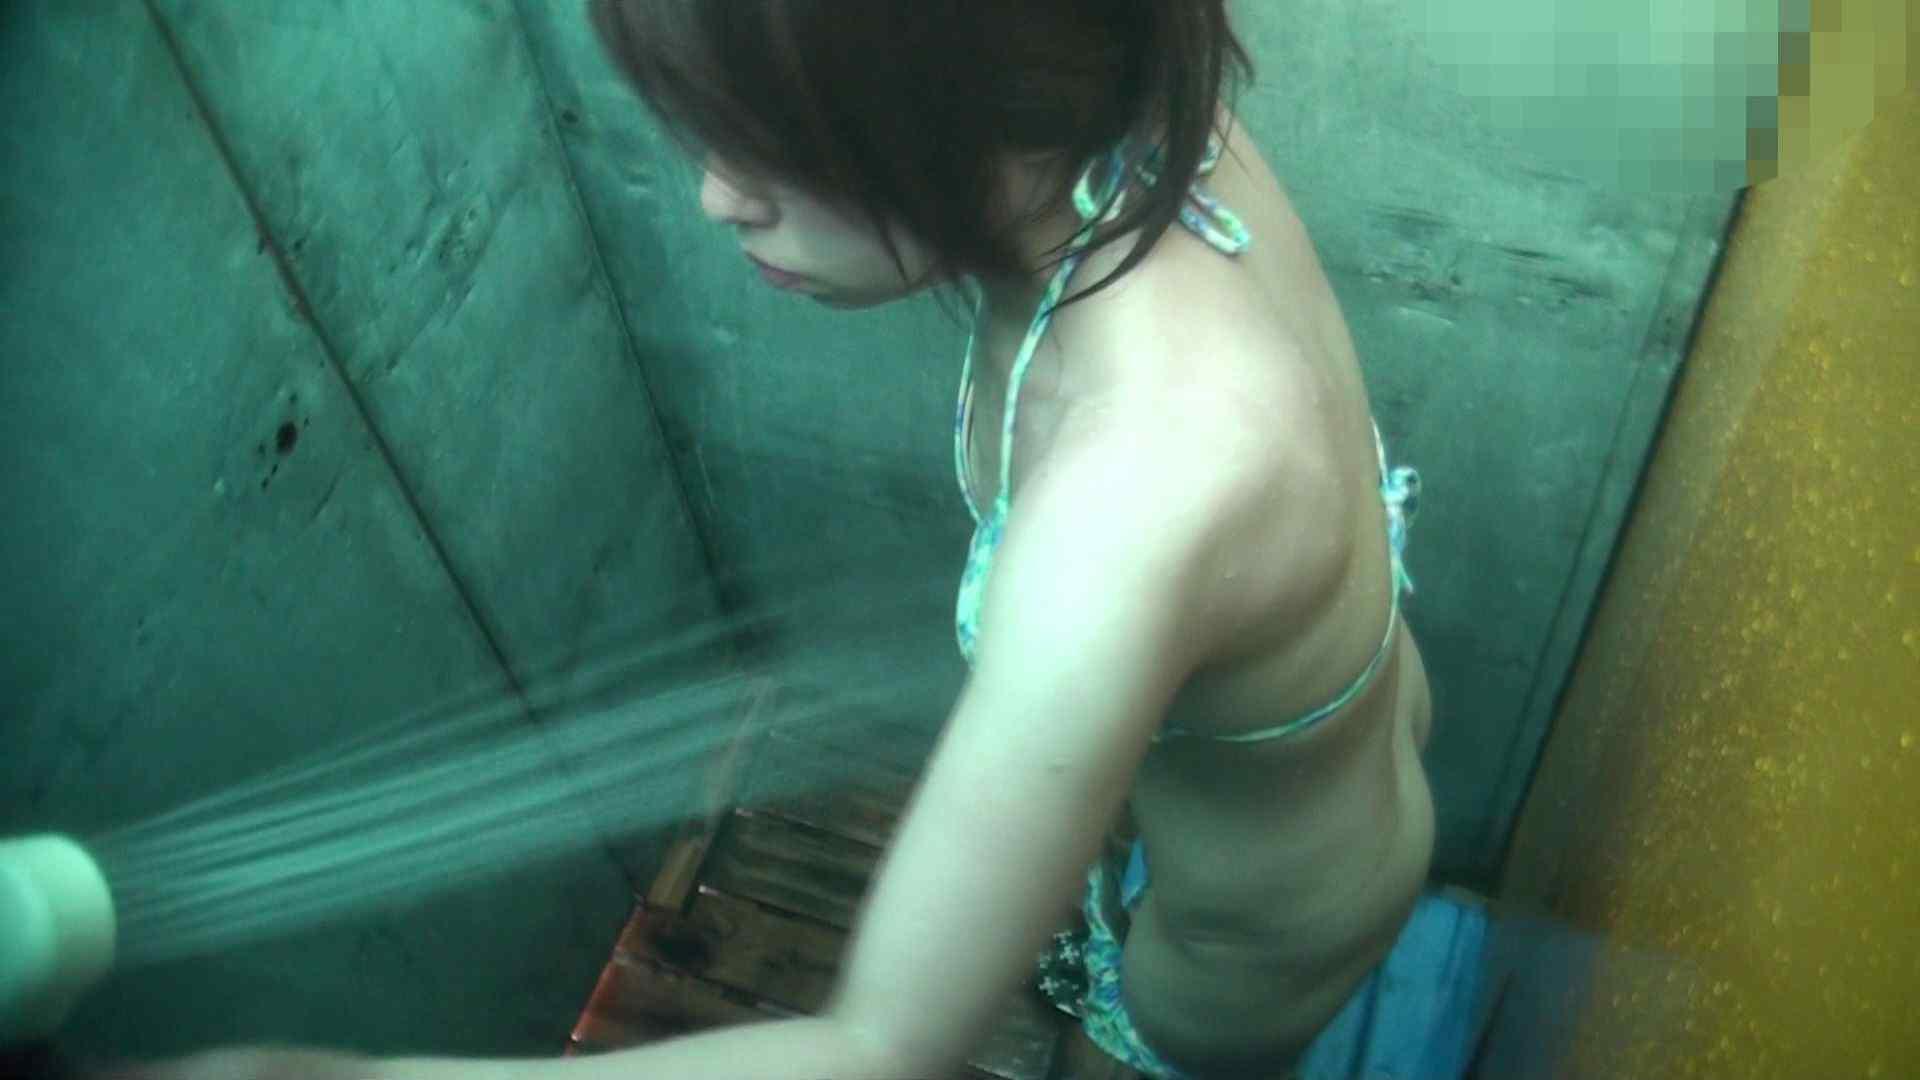 シャワールームは超!!危険な香りVol.15 残念ですが乳首未確認 マンコの砂は入念に シャワー 隠し撮りオマンコ動画紹介 63連発 48